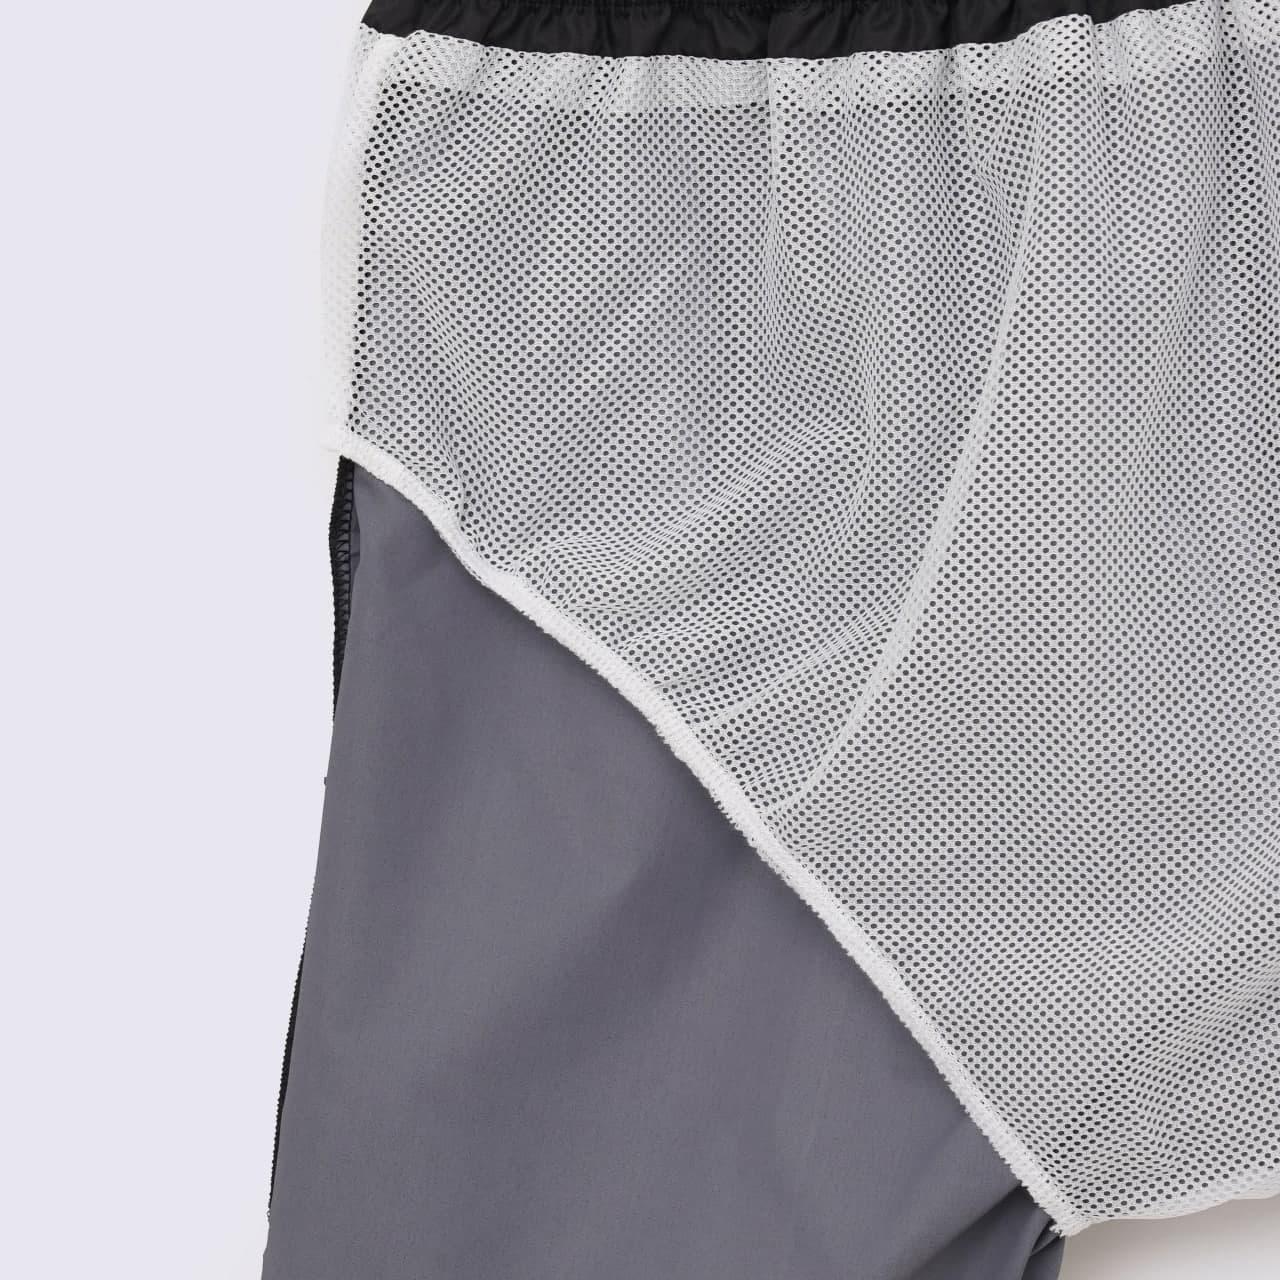 Плавательные шорты South Basik Black - фото 3